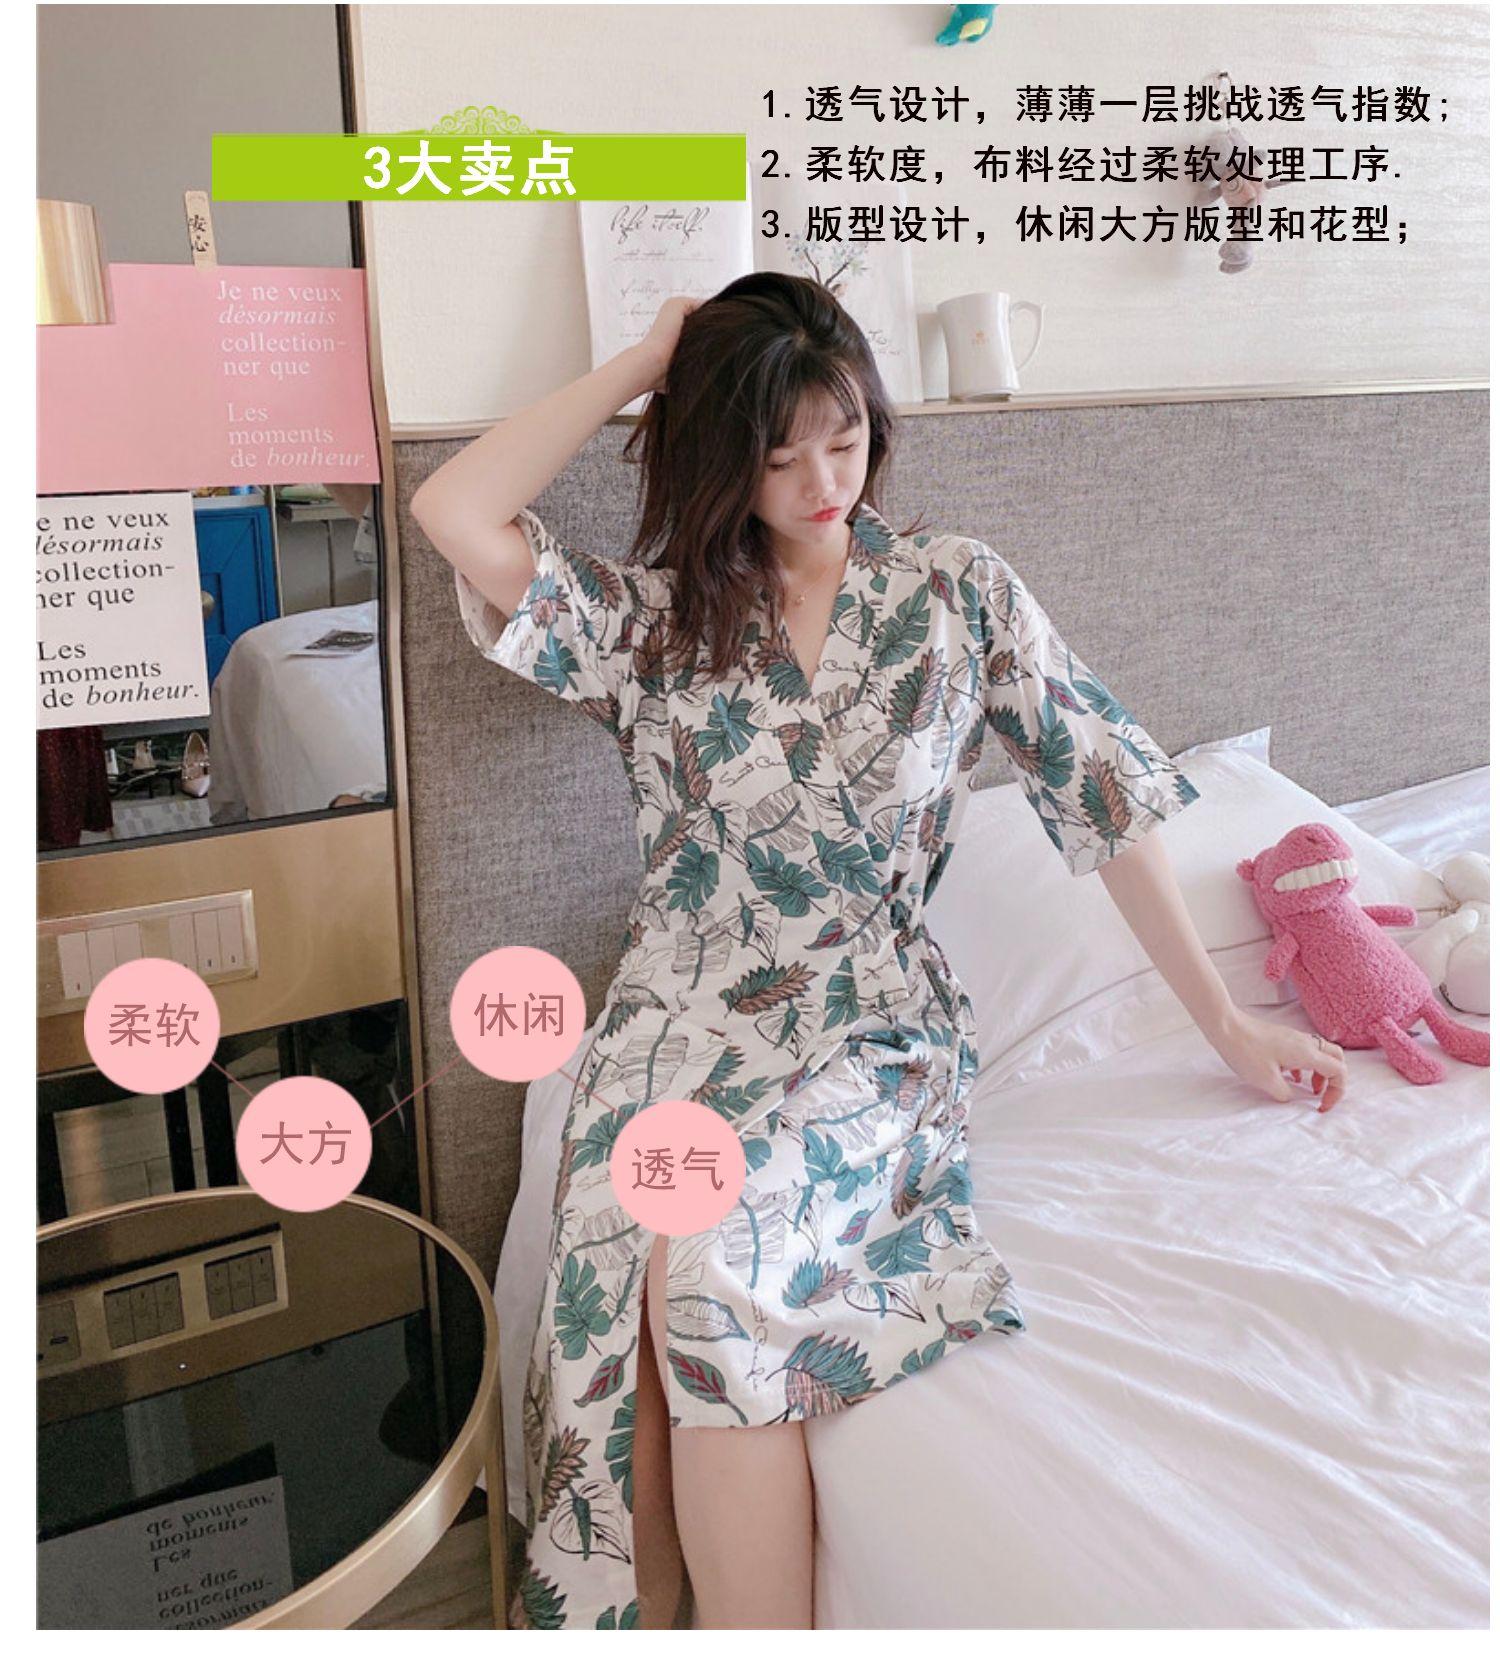 中國代購 中國批發-ibuy99 新款女短袖和服印花睡裙夏季中青年薄款睡袍夏天纯棉女士家居服